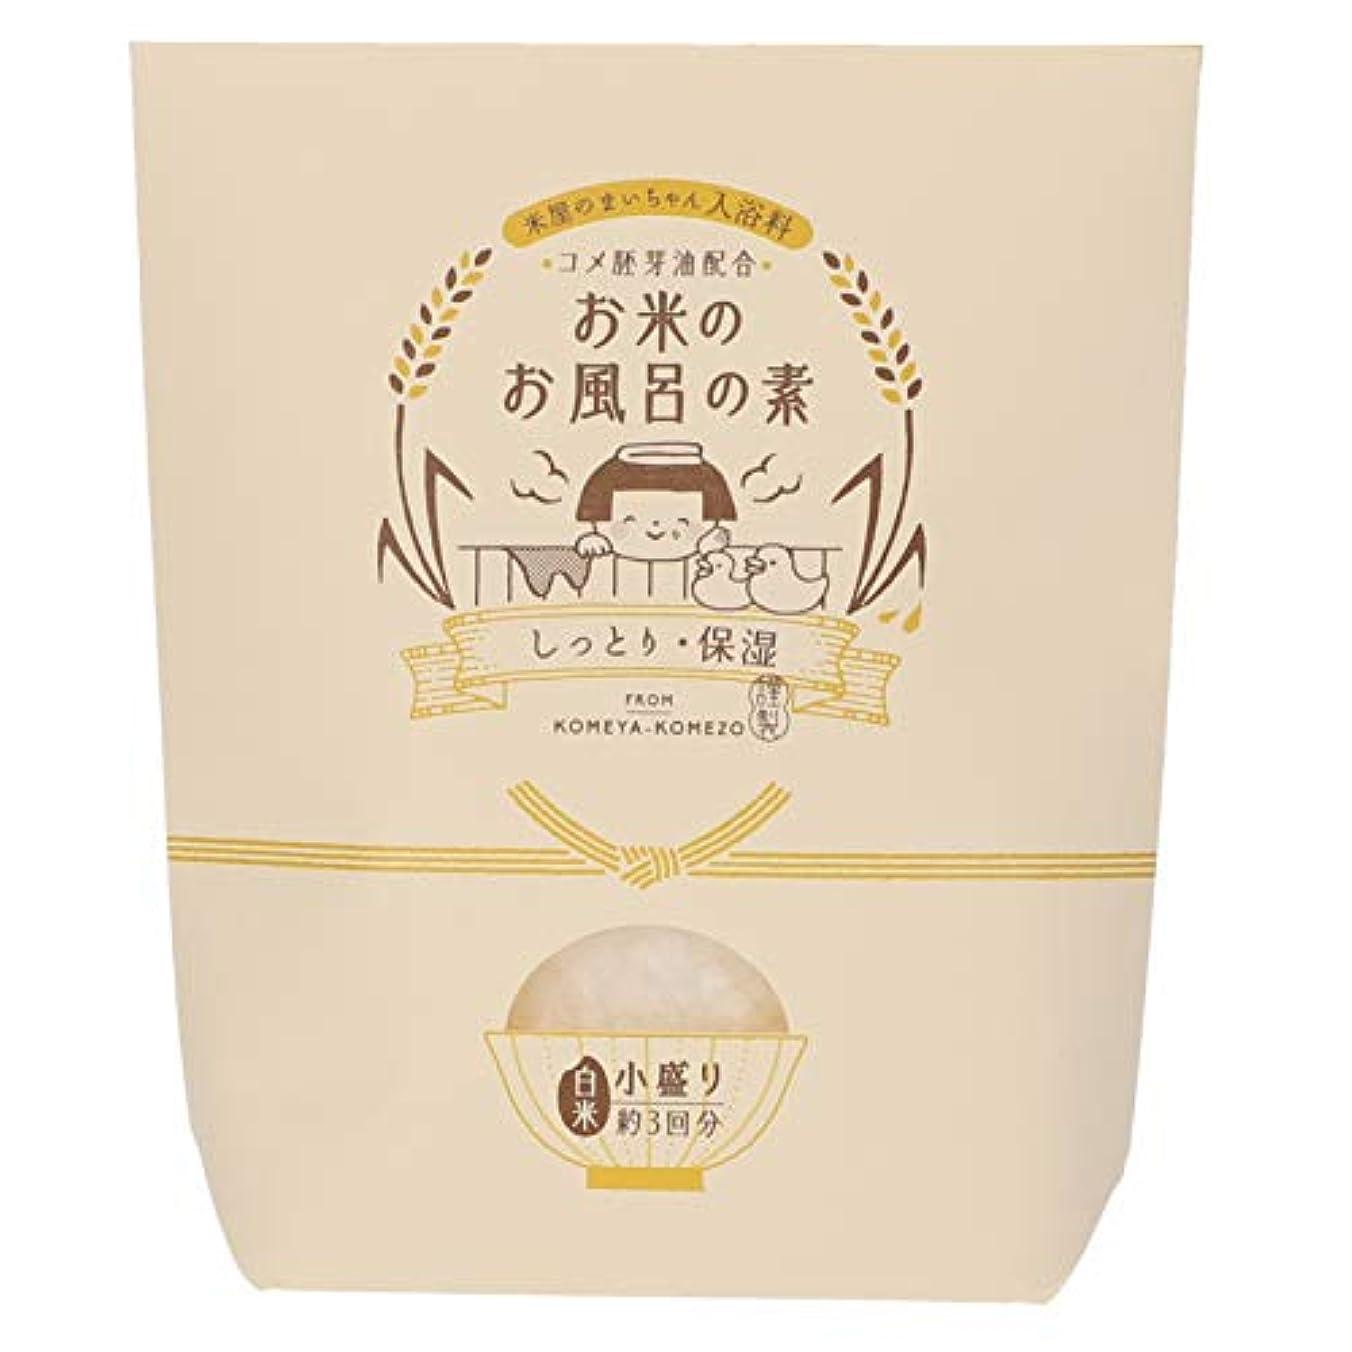 繰り返し任命仕様米屋のまいちゃん家の逸品 お米のお風呂の素 小盛り(保湿) 入浴剤 113mm×34mm×133mm